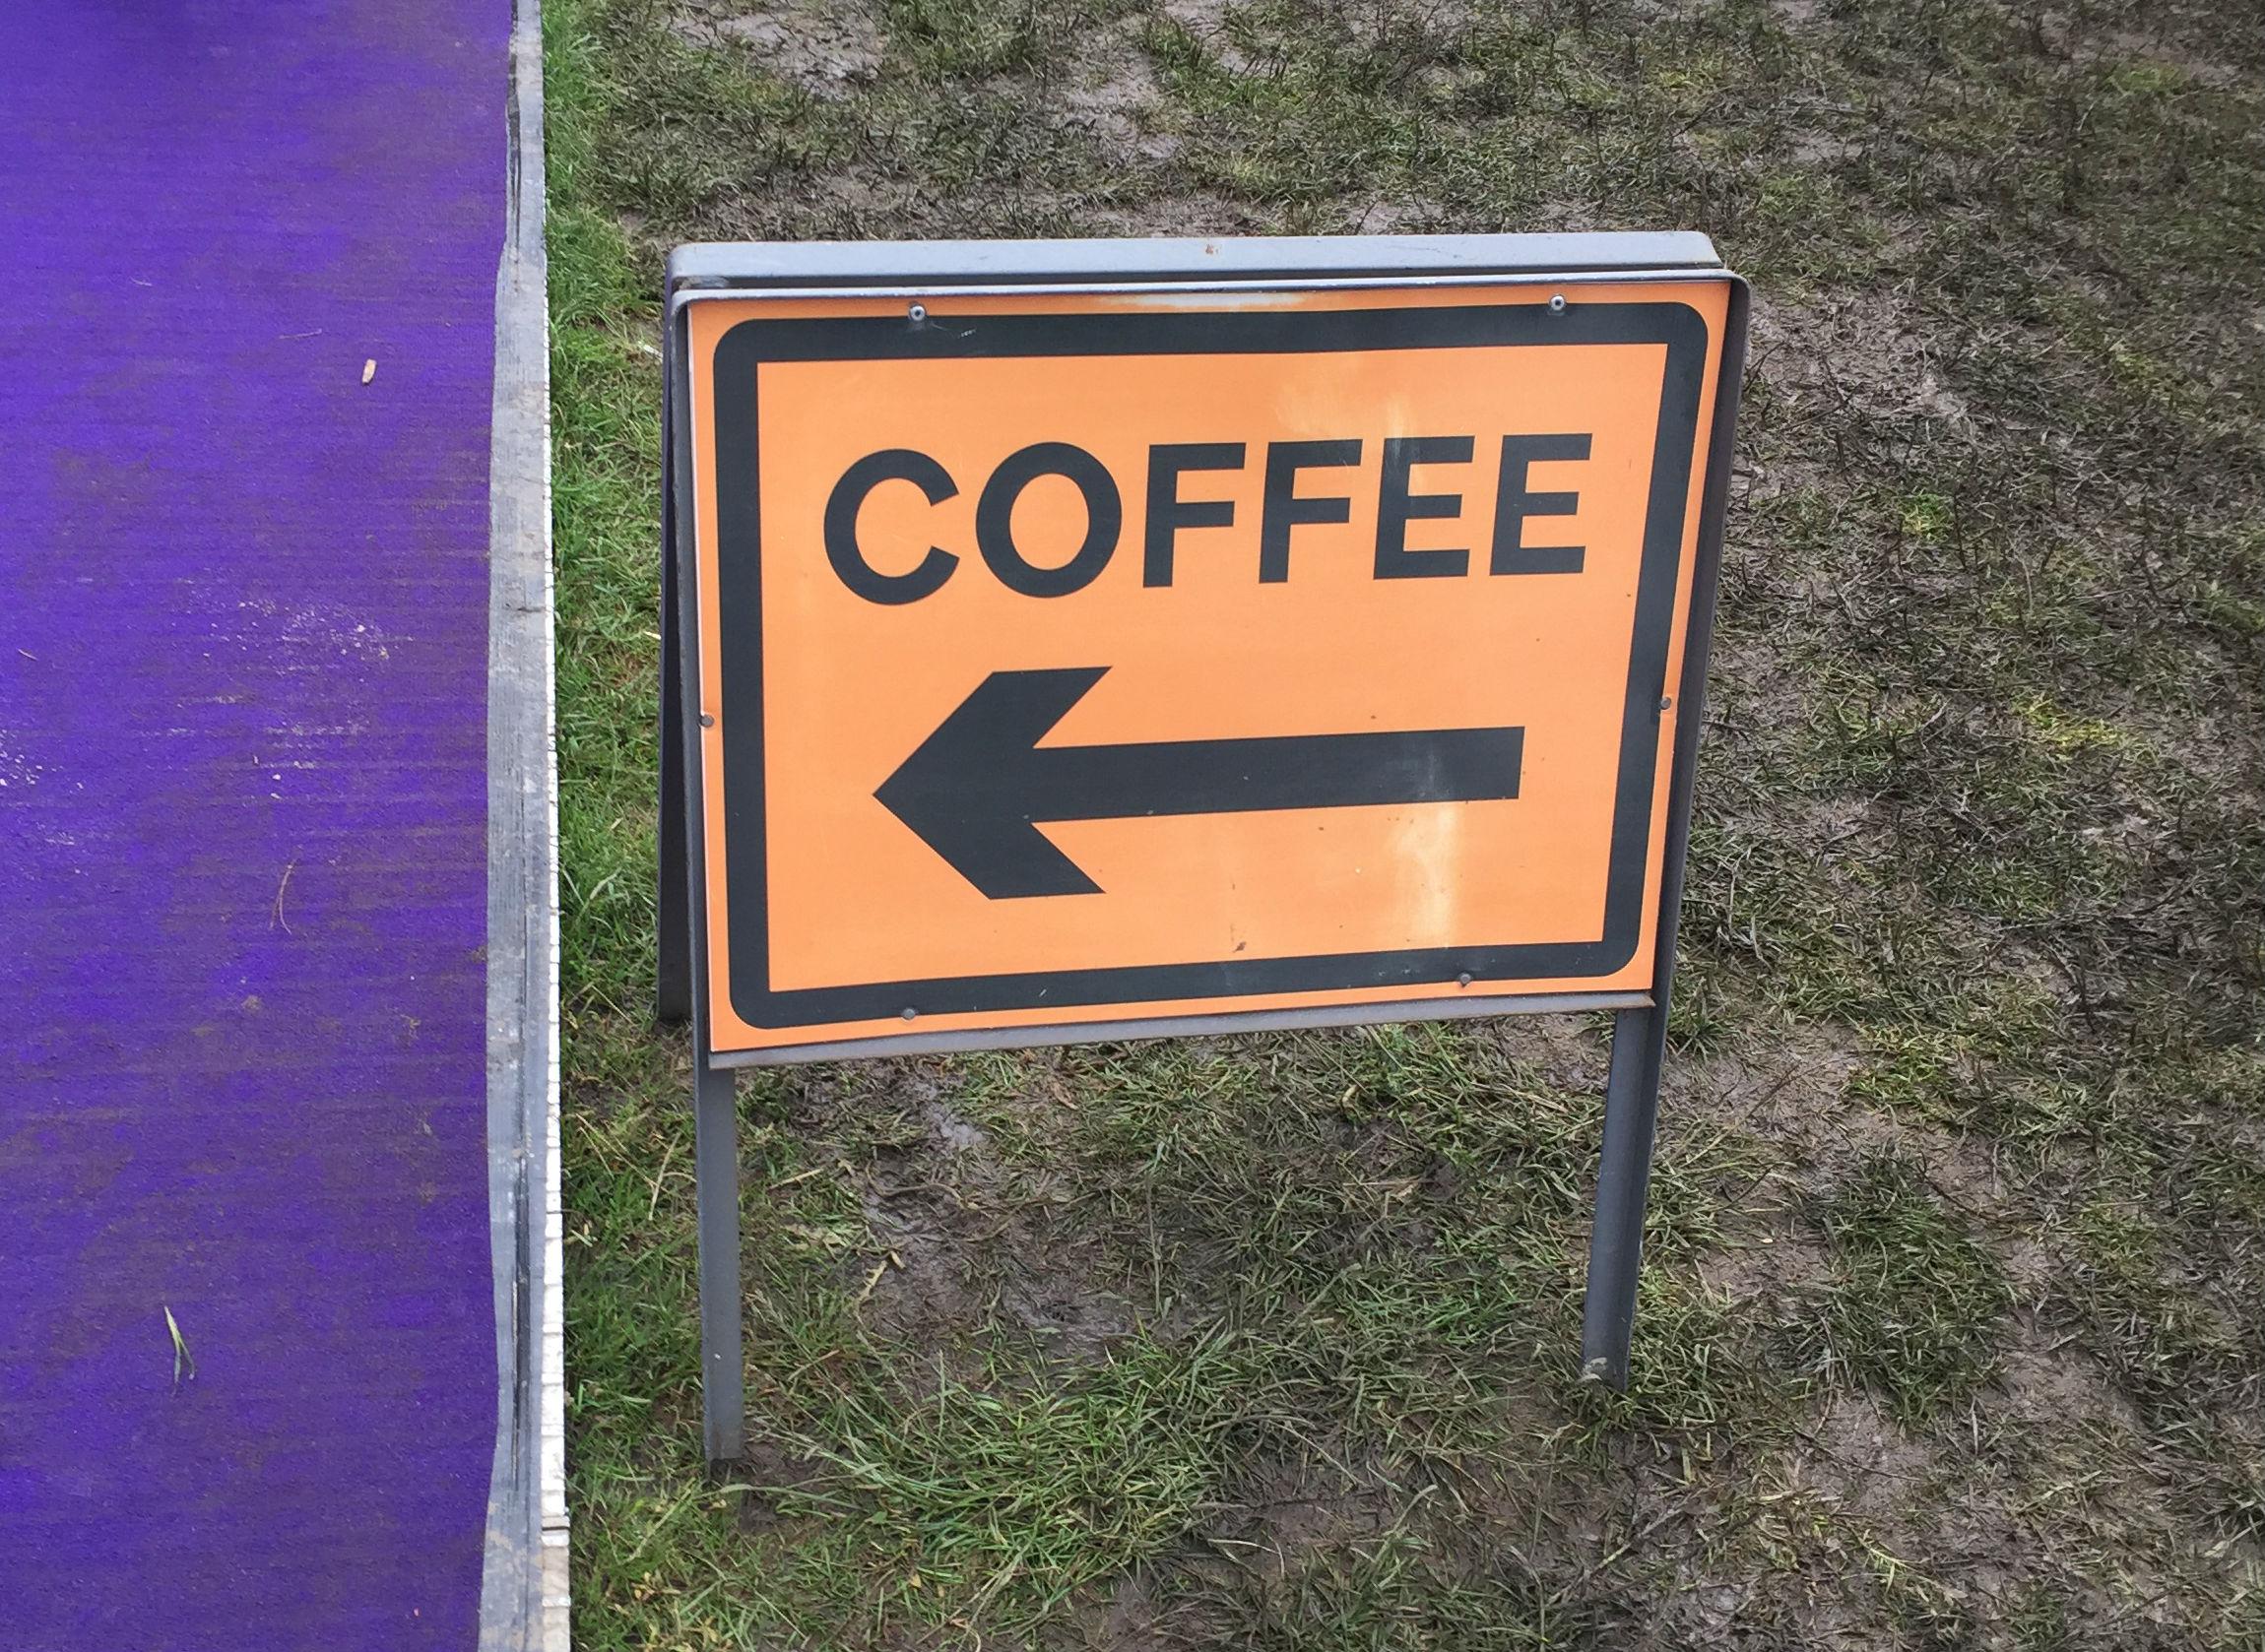 Coffee in the mud - Taste of London 2016